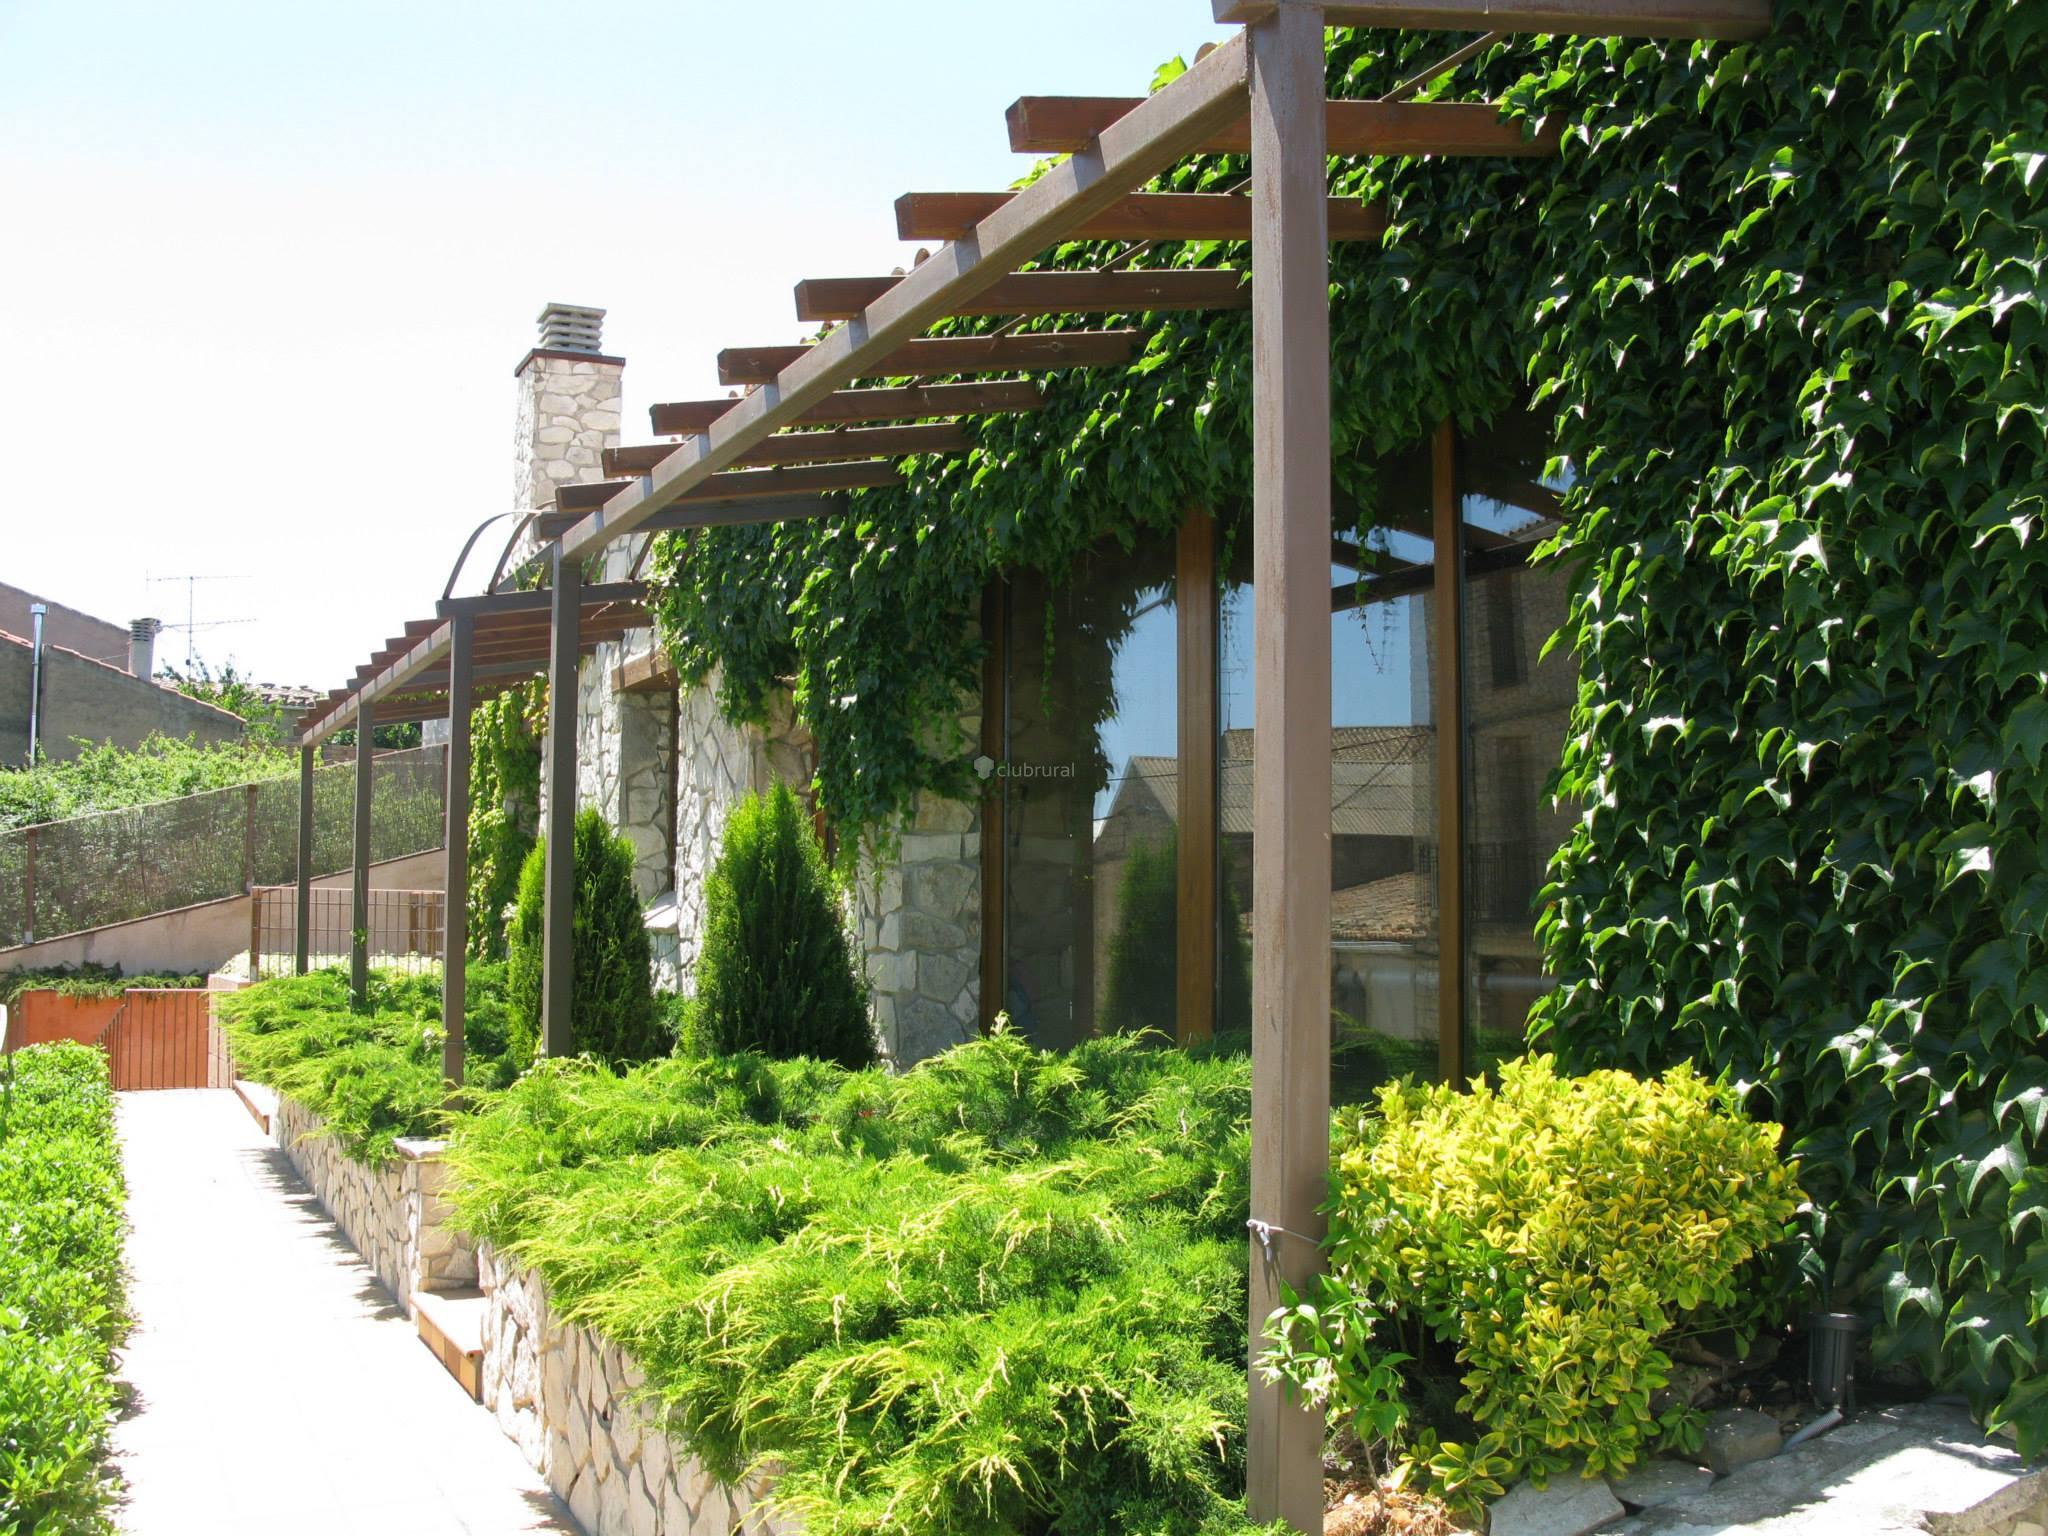 Fotos de alojamientos rurales el clos tarragona conesa for Casa rural tarragona